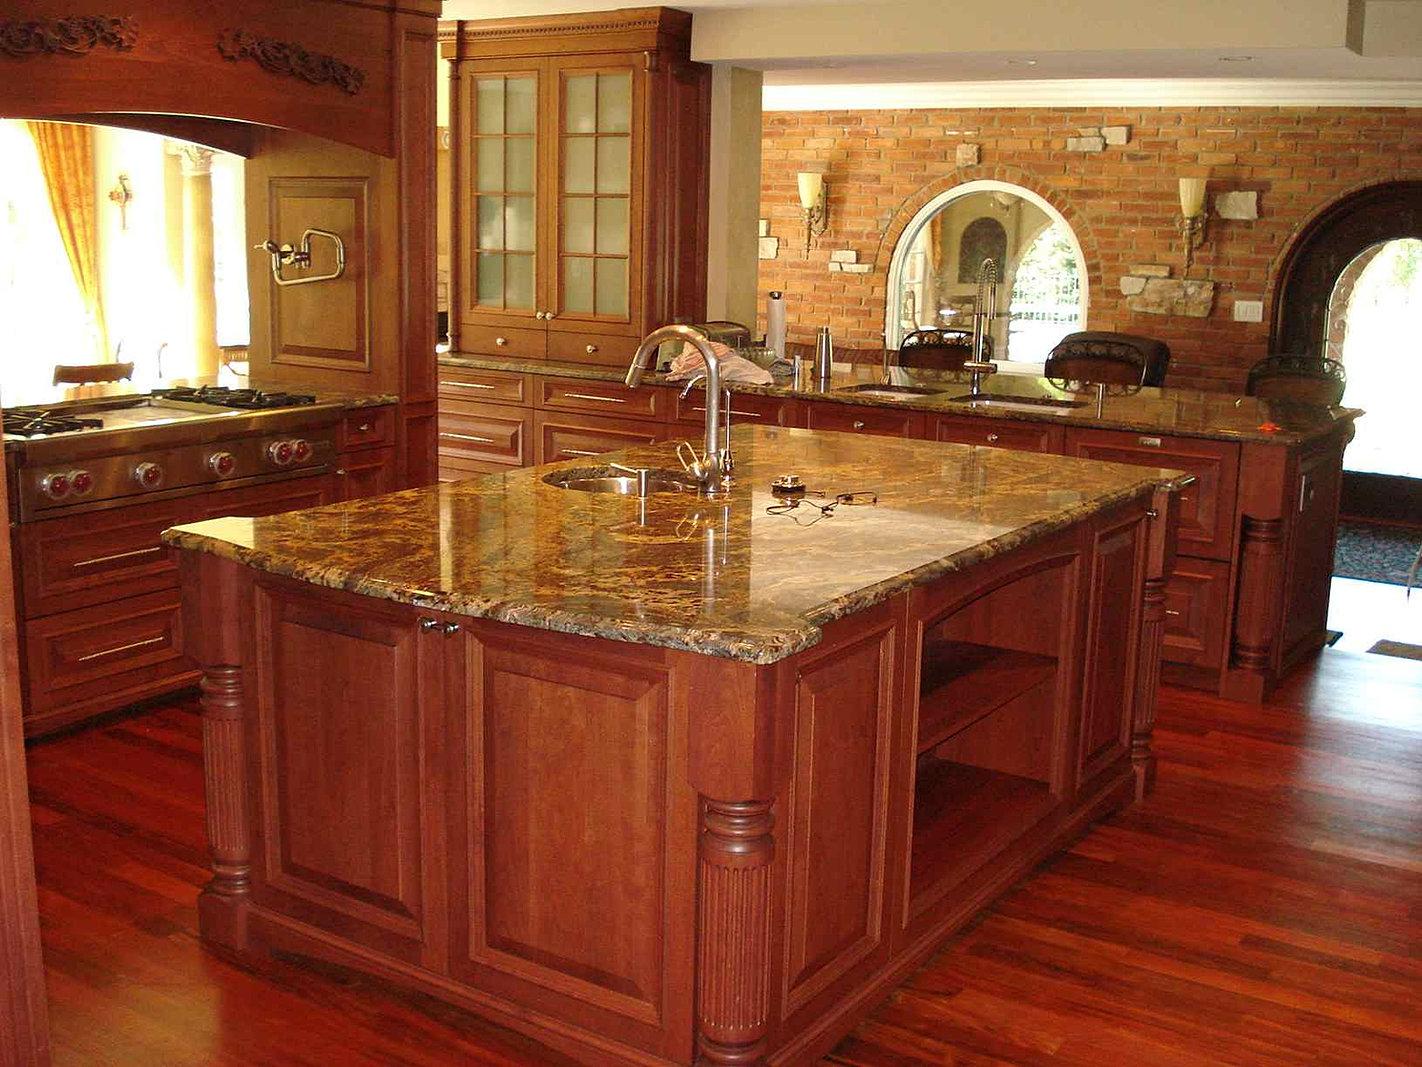 Bath Granite Countertops granite bathroom countertop1bGranite